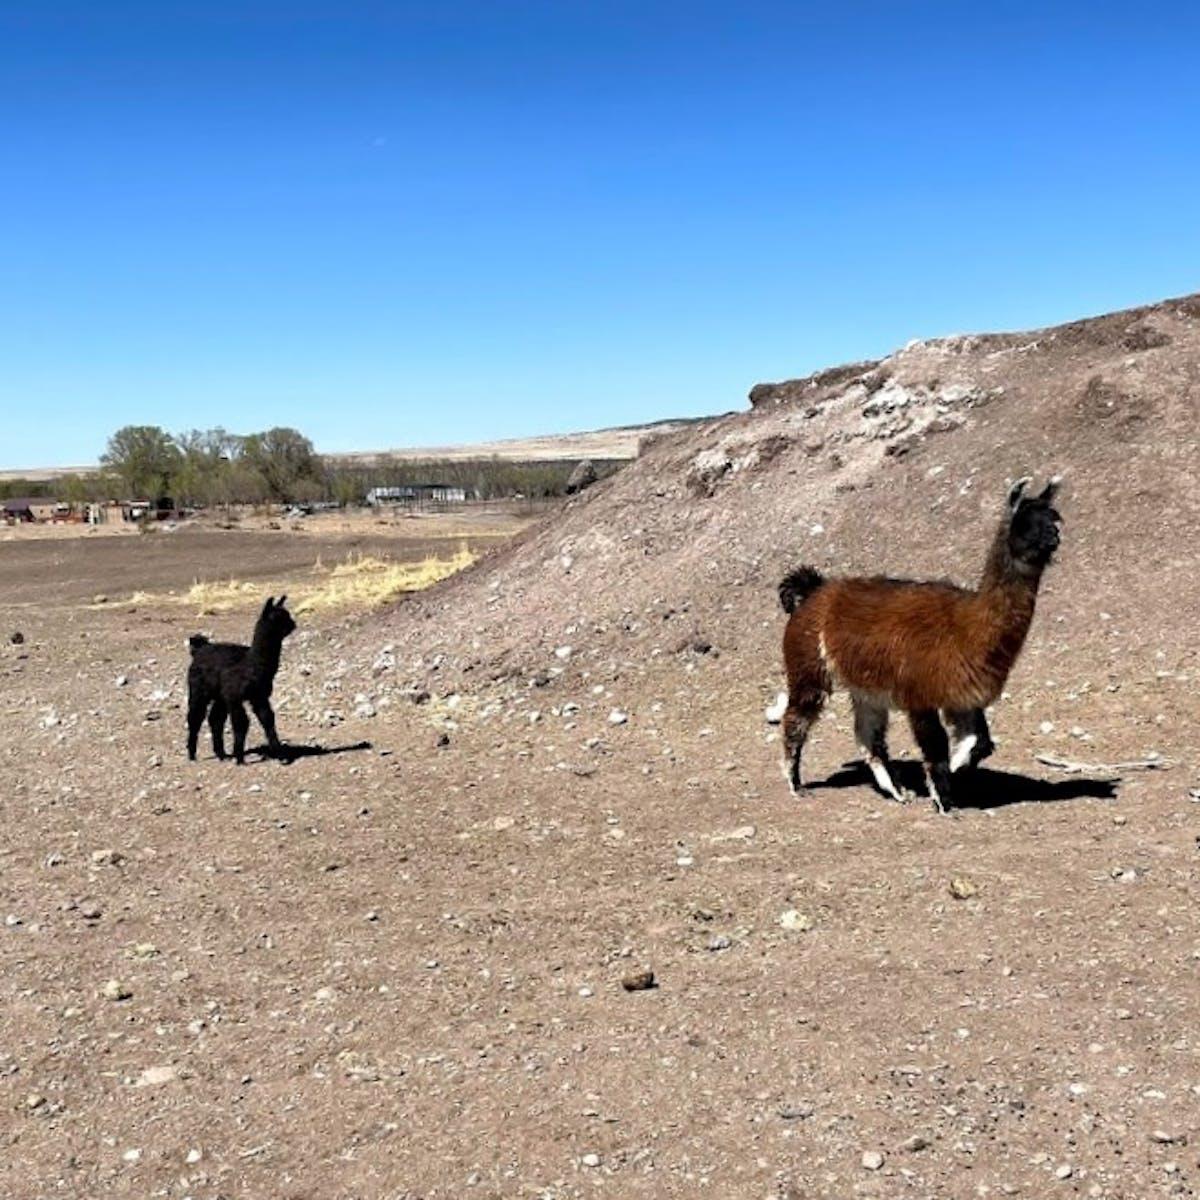 a herd of cattle walking across a dirt field